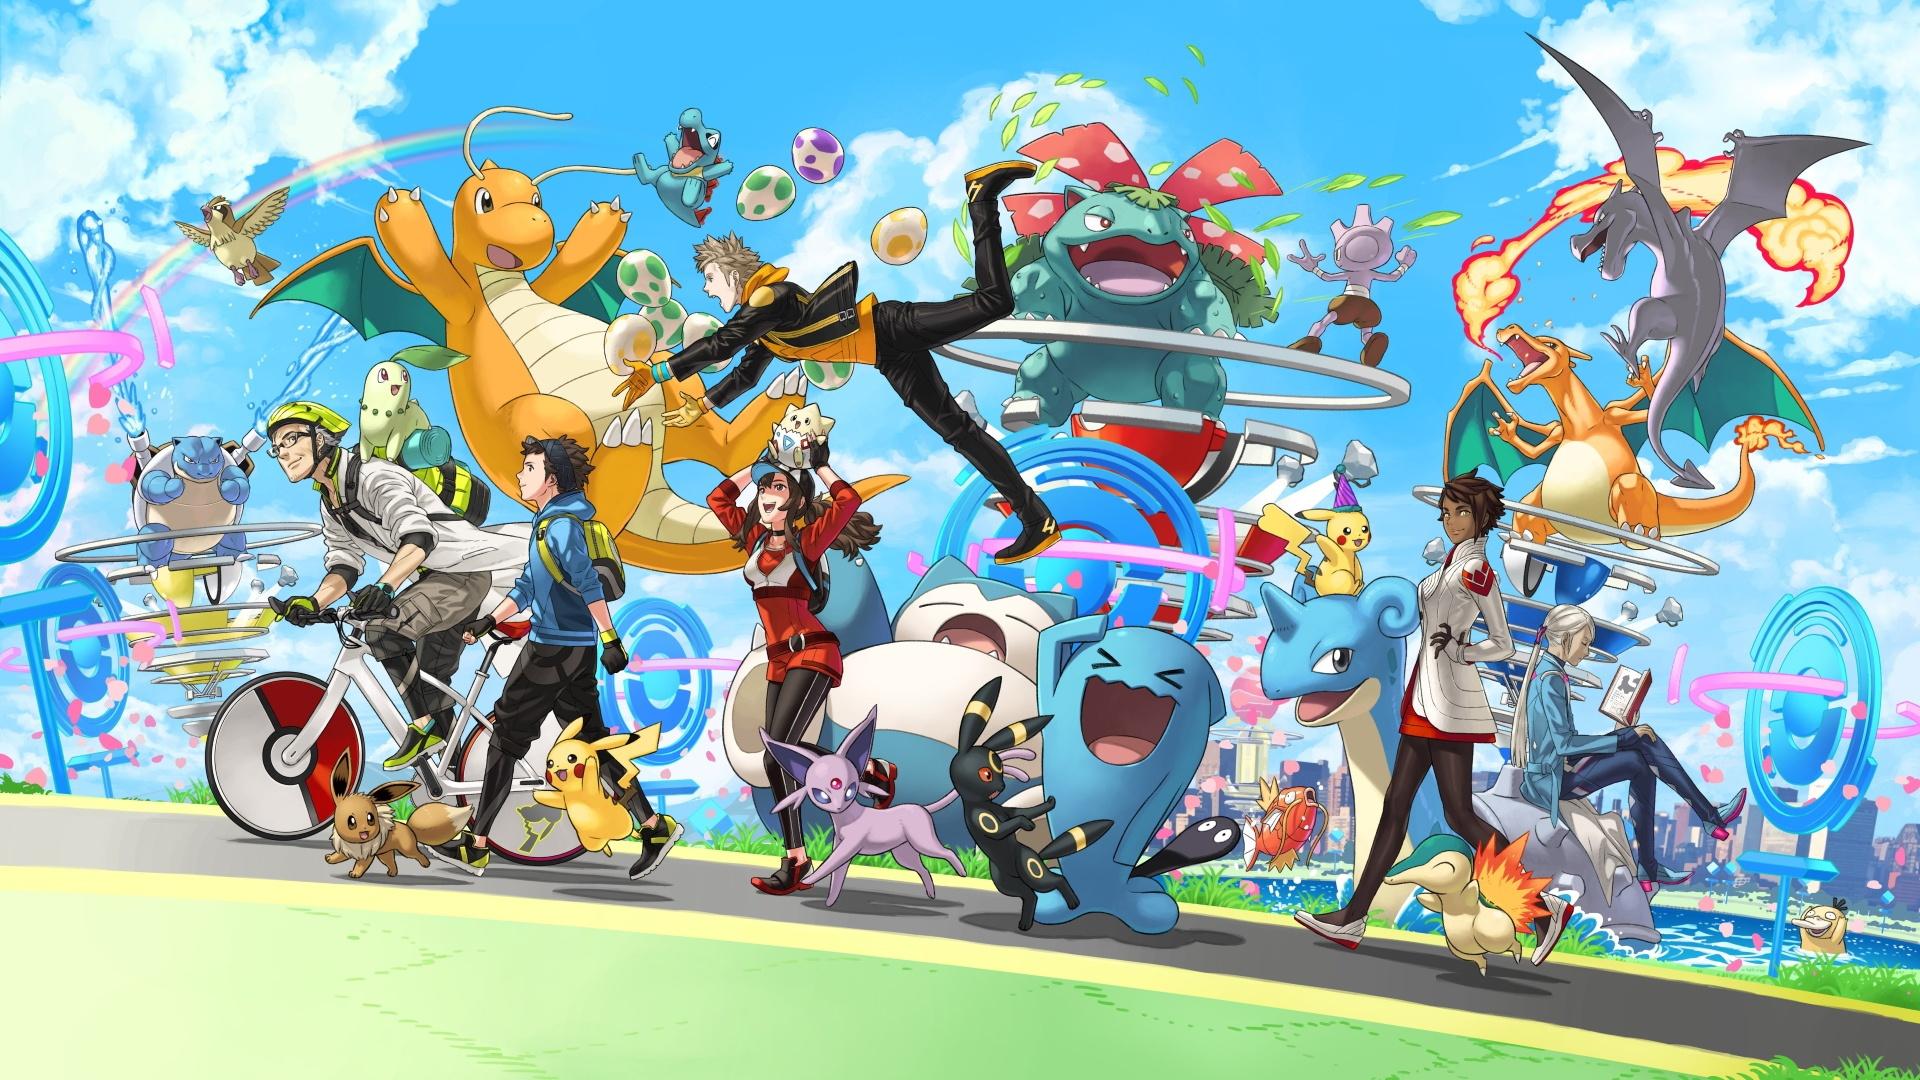 Группа хакеров согласилась выплатить5 млн долларов разработчикам Pokemon GO